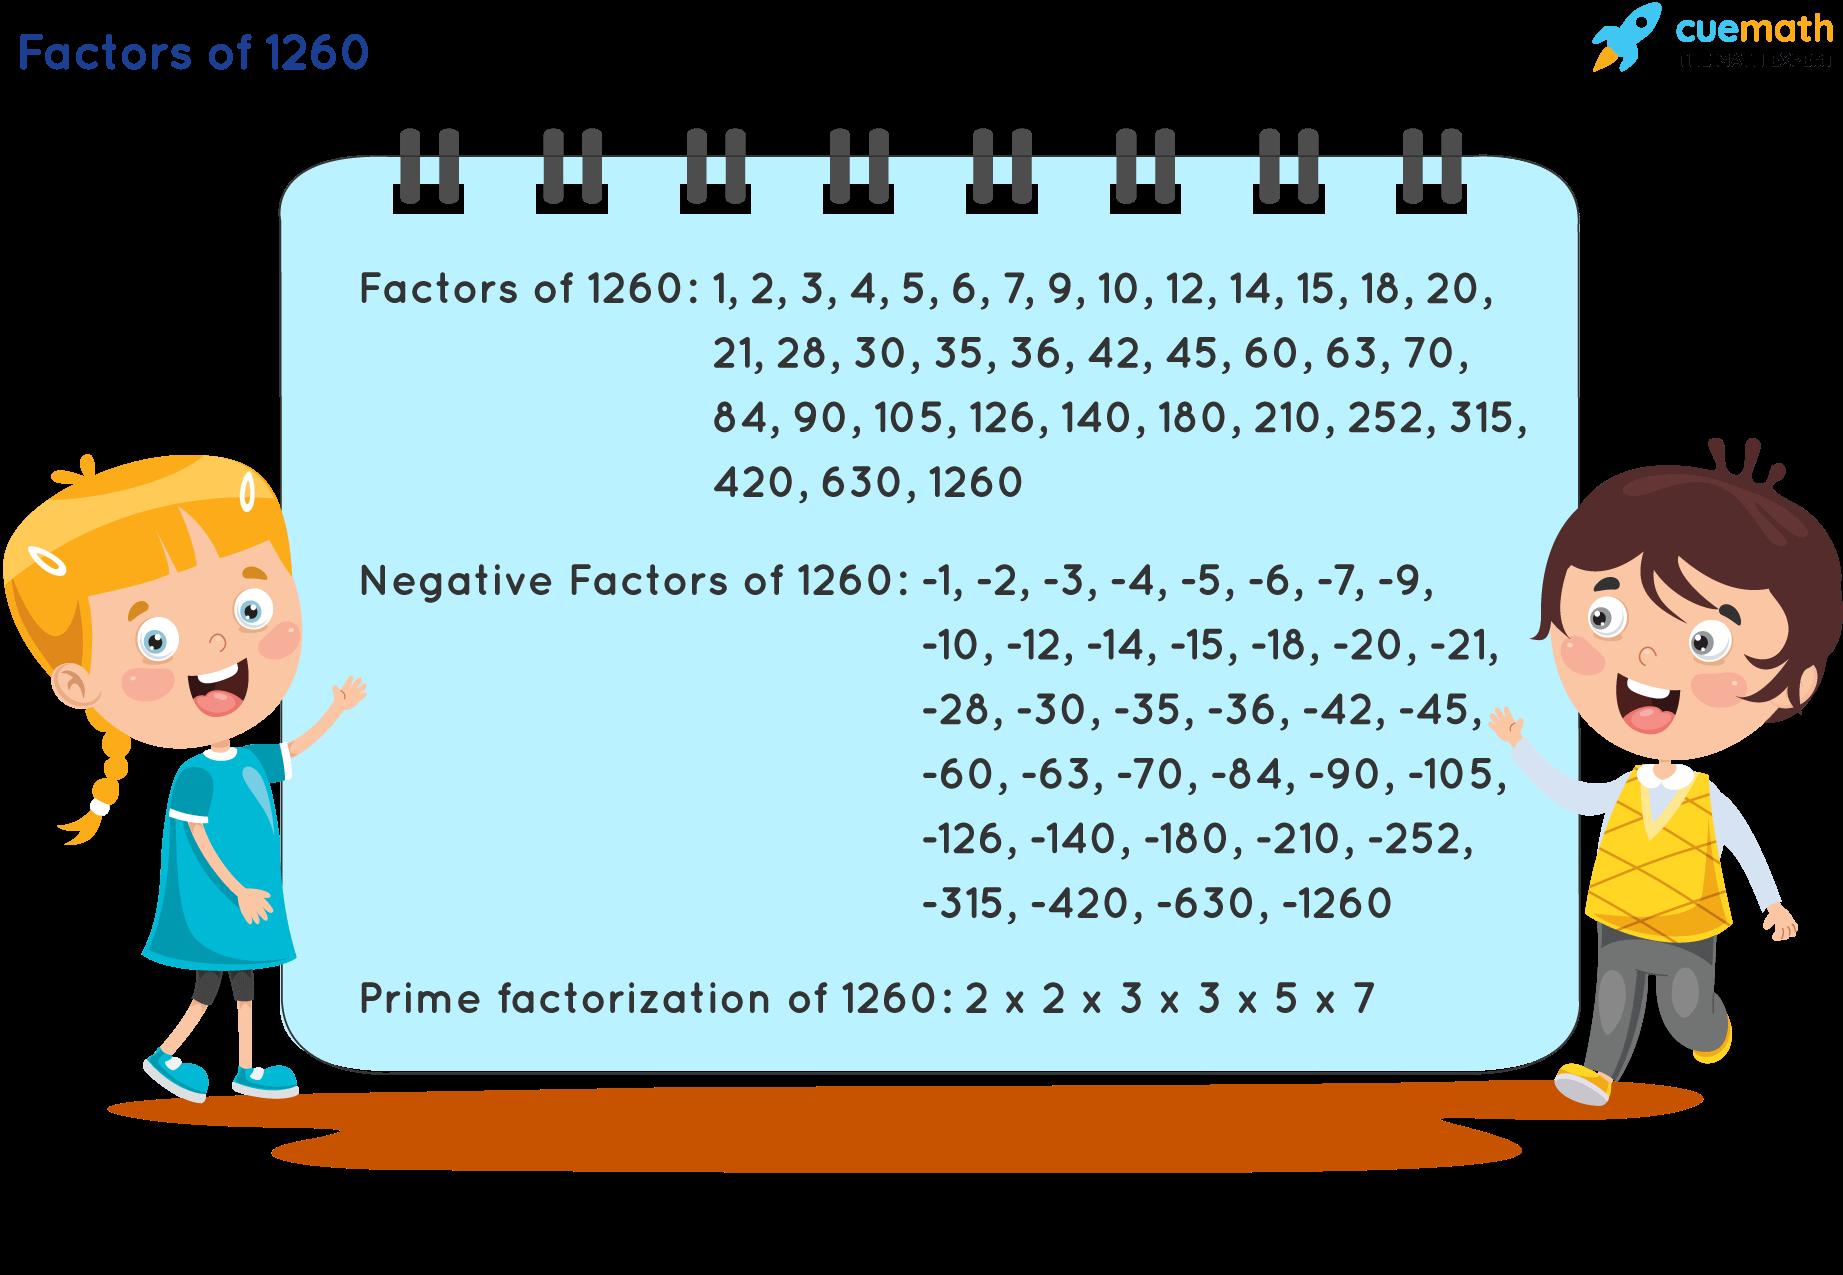 Factors of 1260